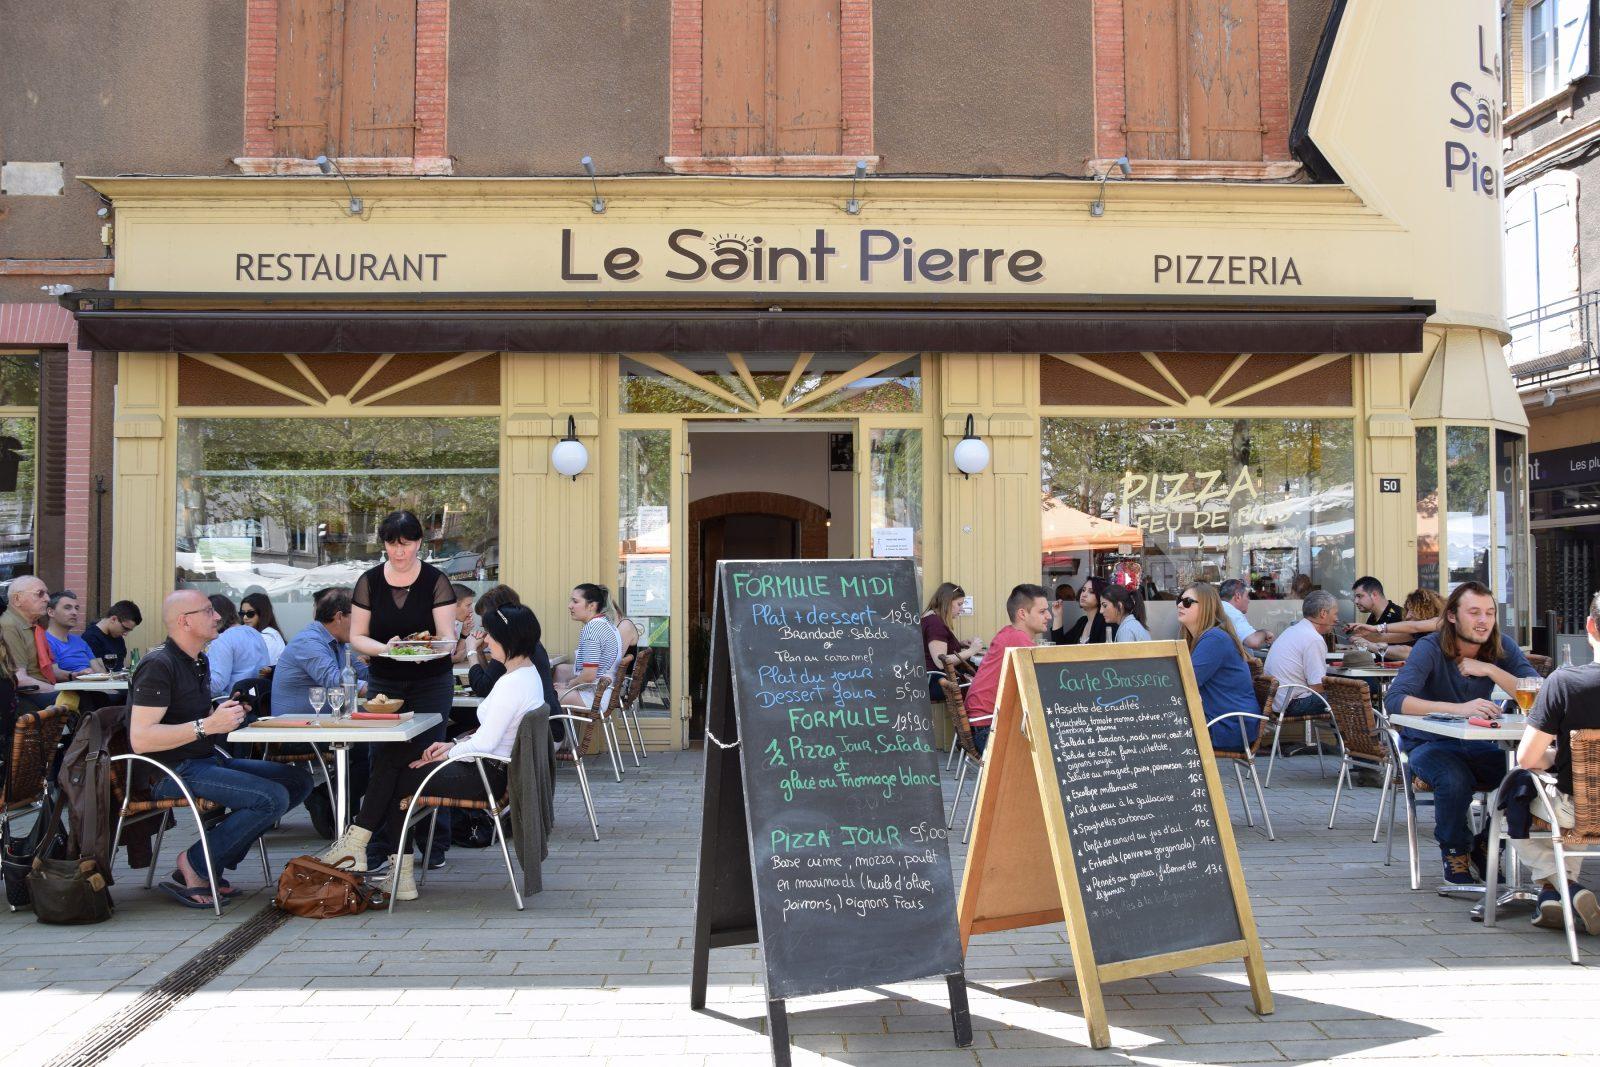 Pizzéria Le Saint Pierre